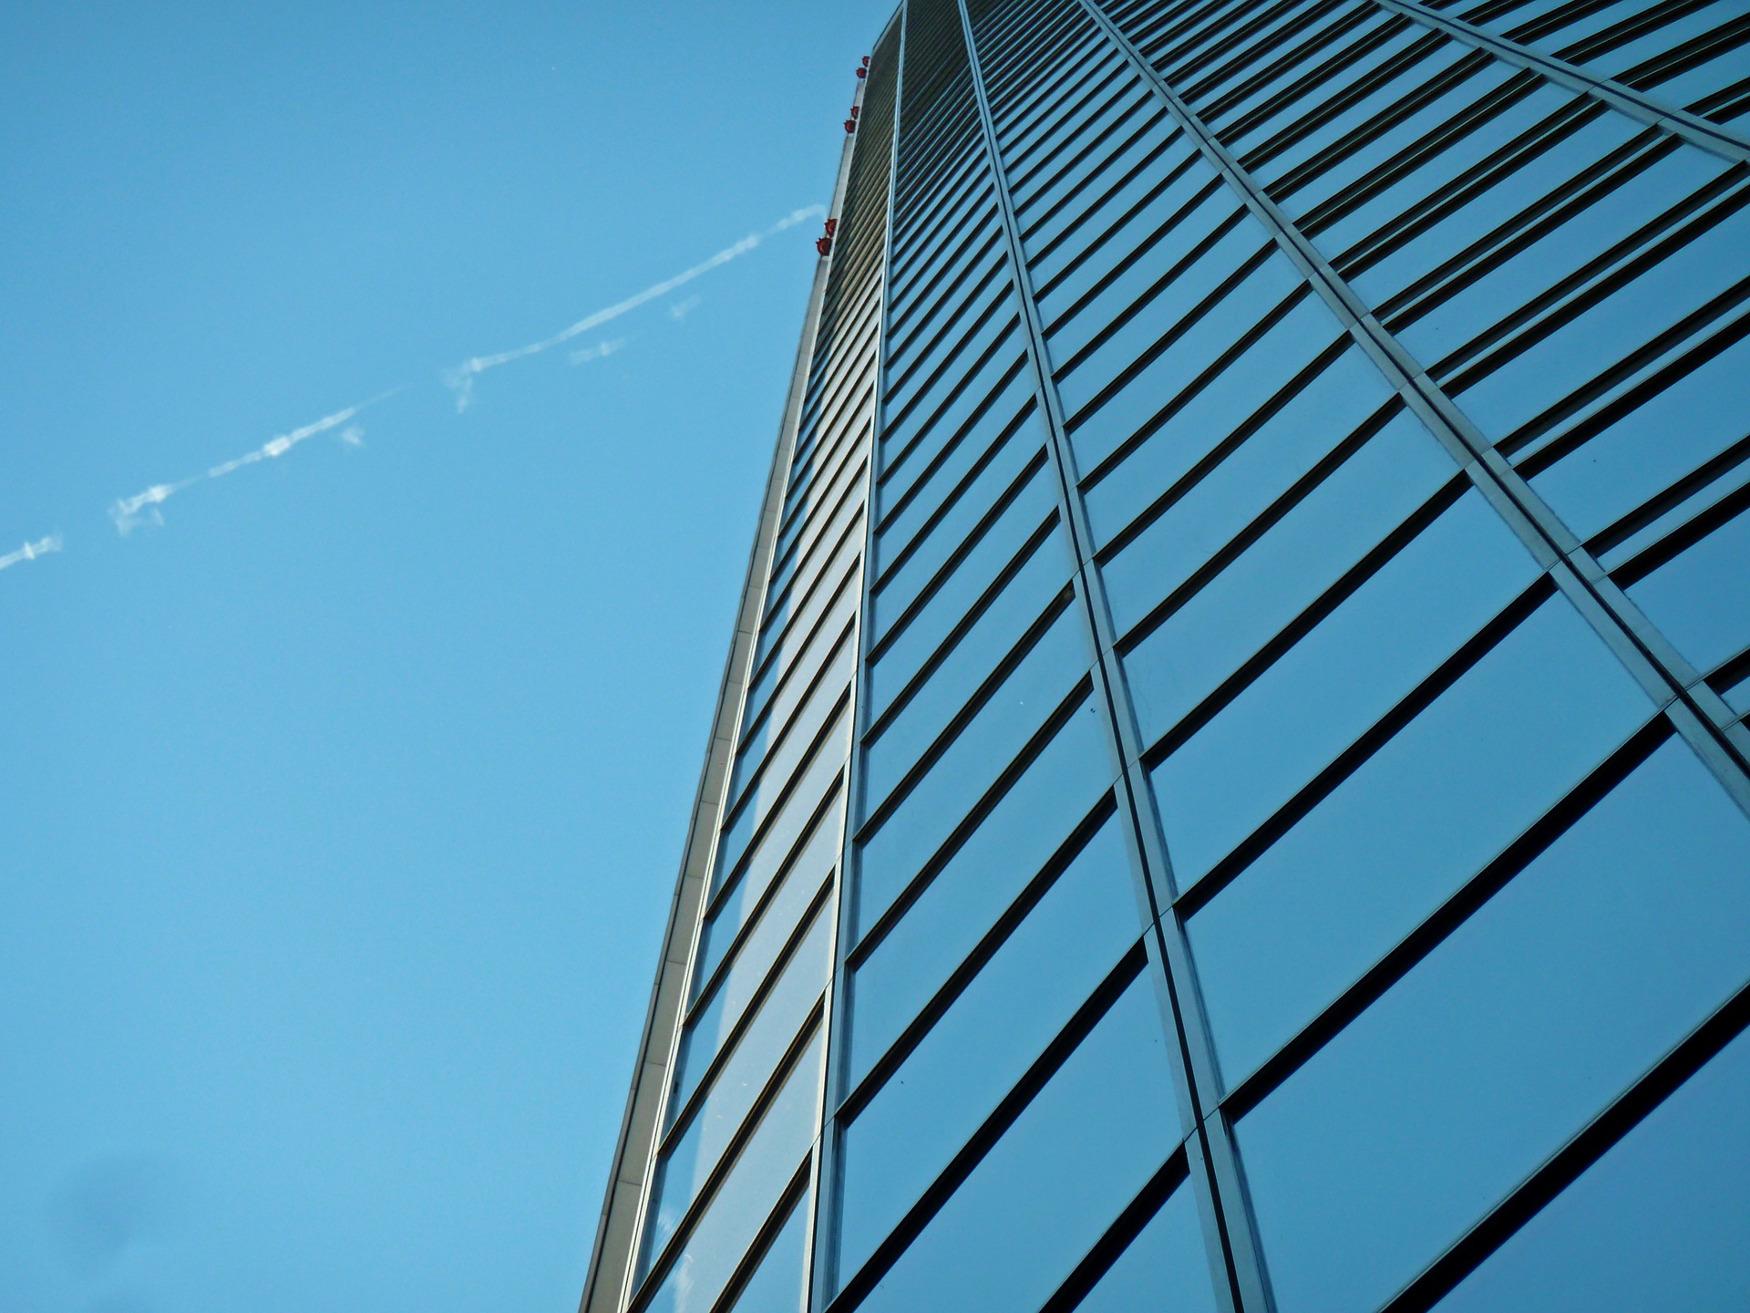 Eigenkapitalbeteiligung – Es gibt lohnende Alternativen zur klassischen Form der Managementbeteiligung.